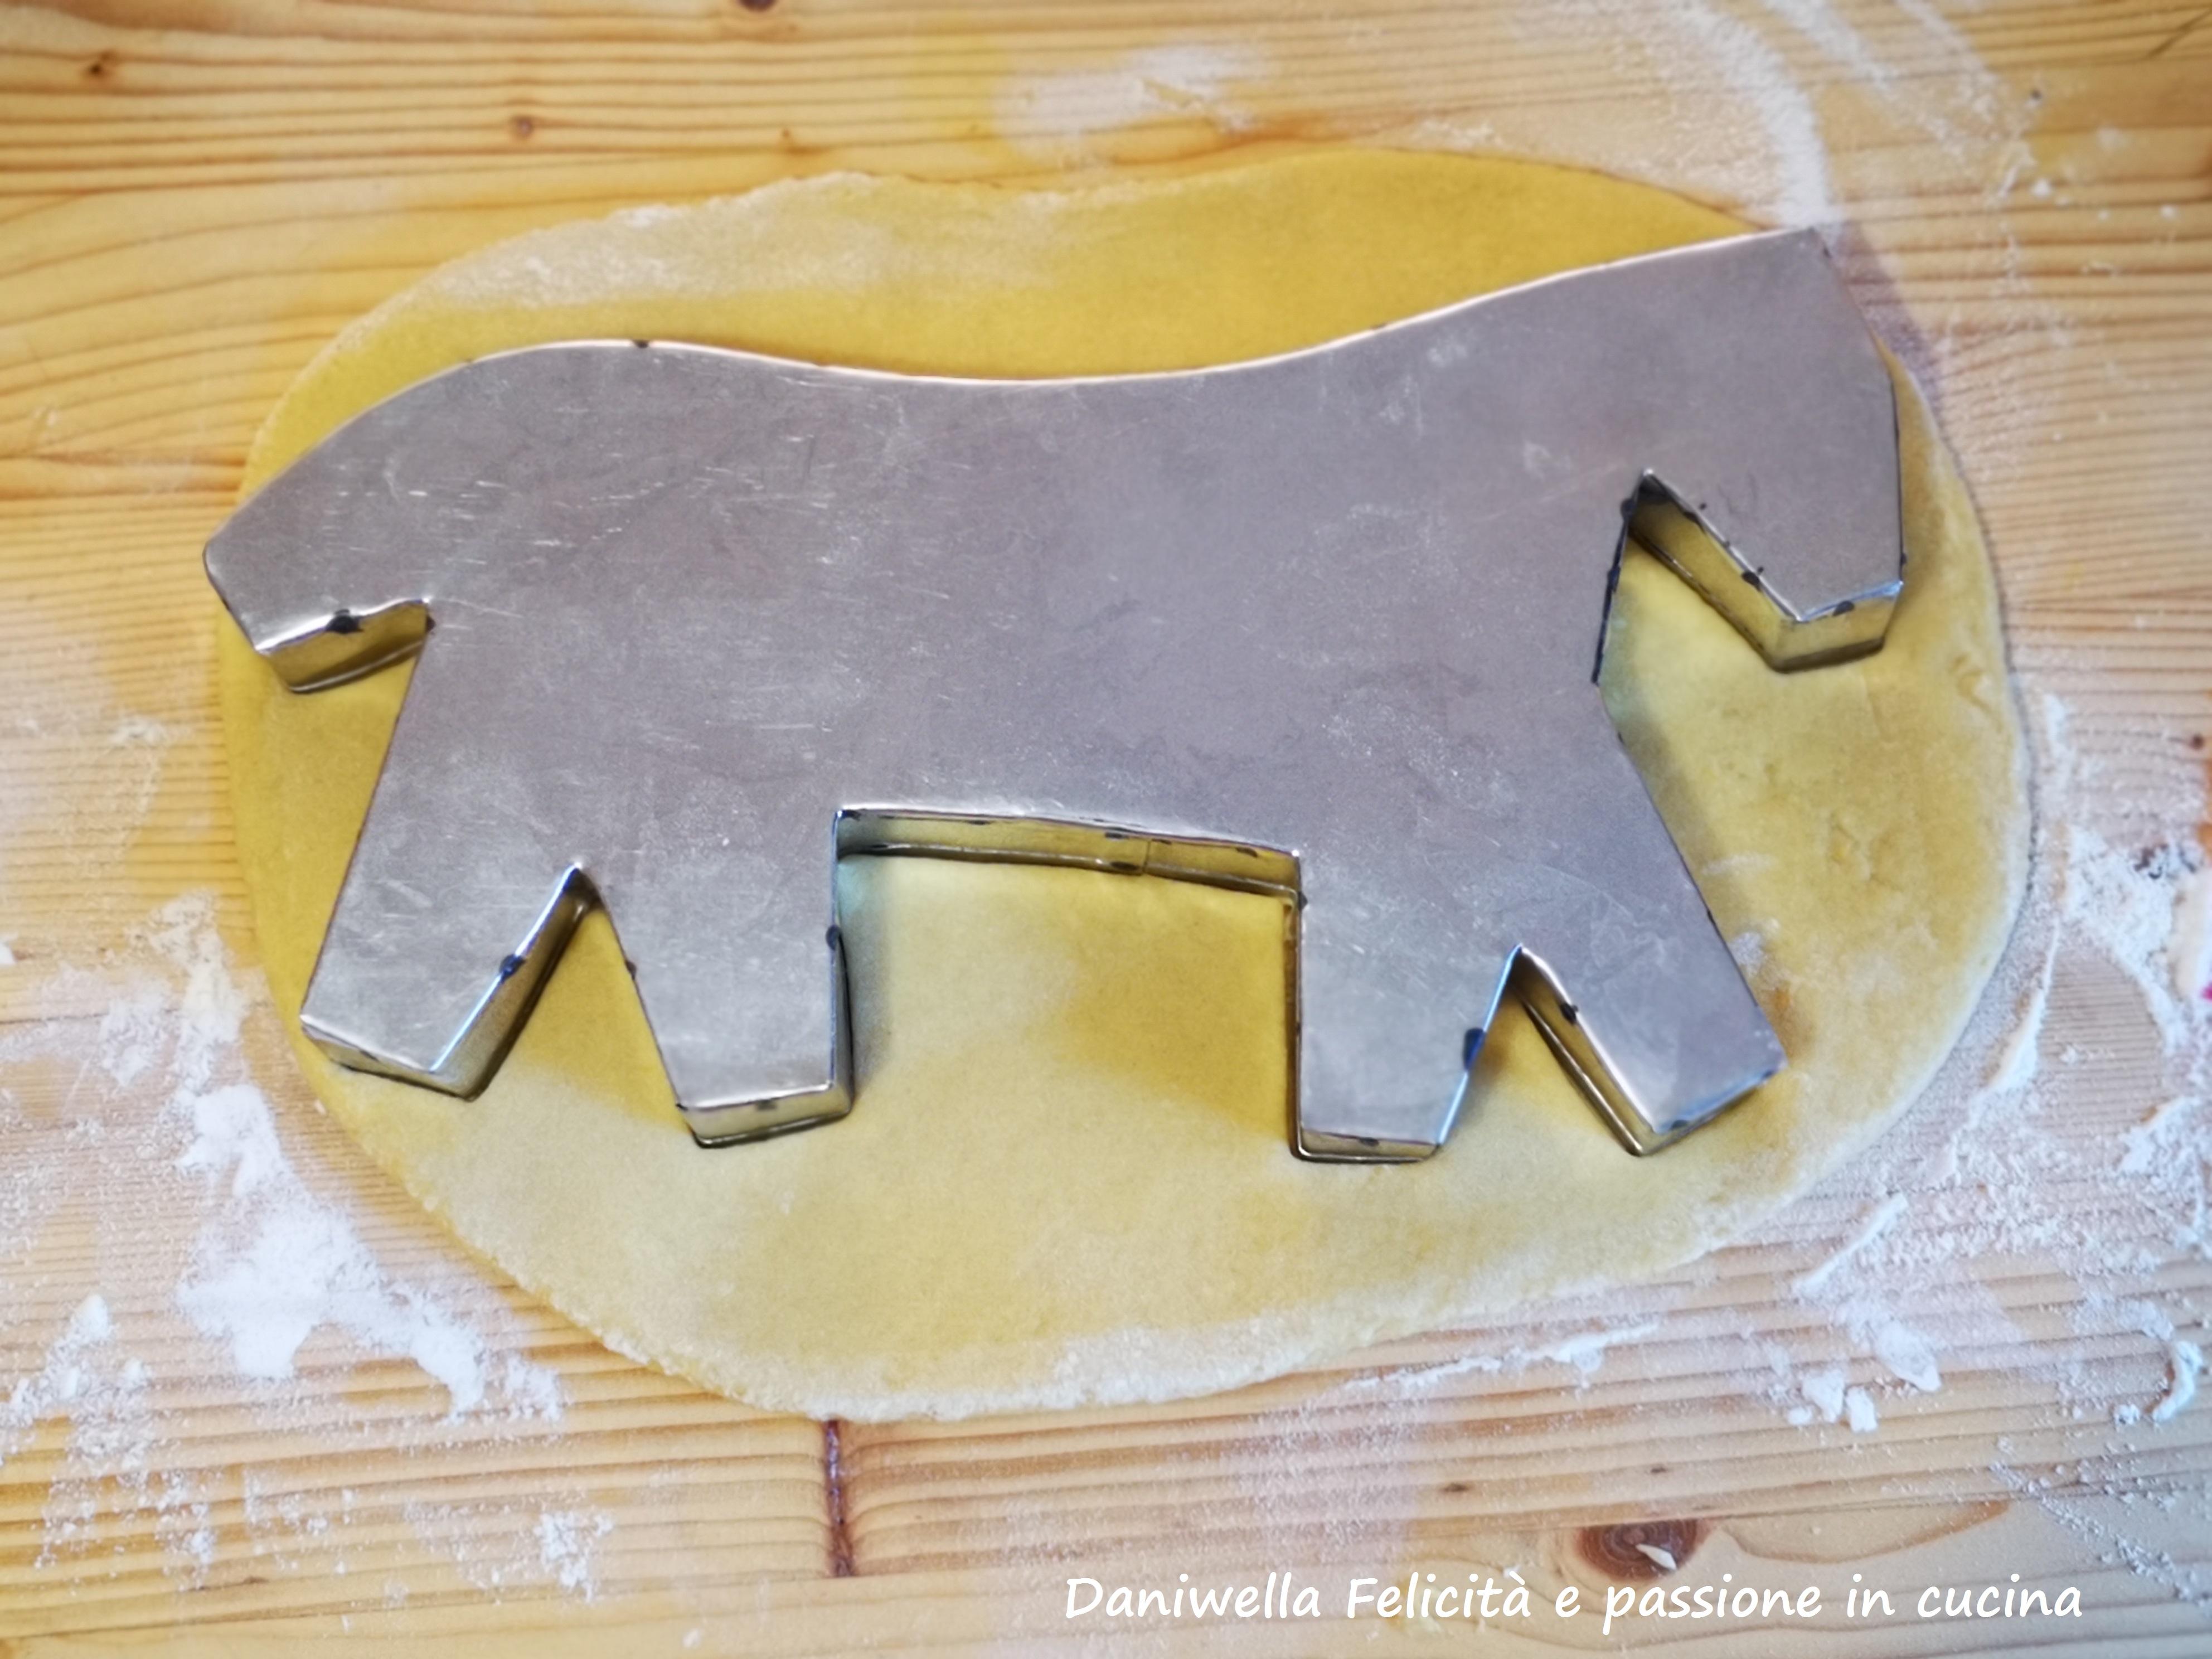 Premete con forza per imprimere le forme. Con delicatezza tirate su lo stampo e trasferite la pupa e il cavallo su una leccarda coperta da un foglio di carta forno.